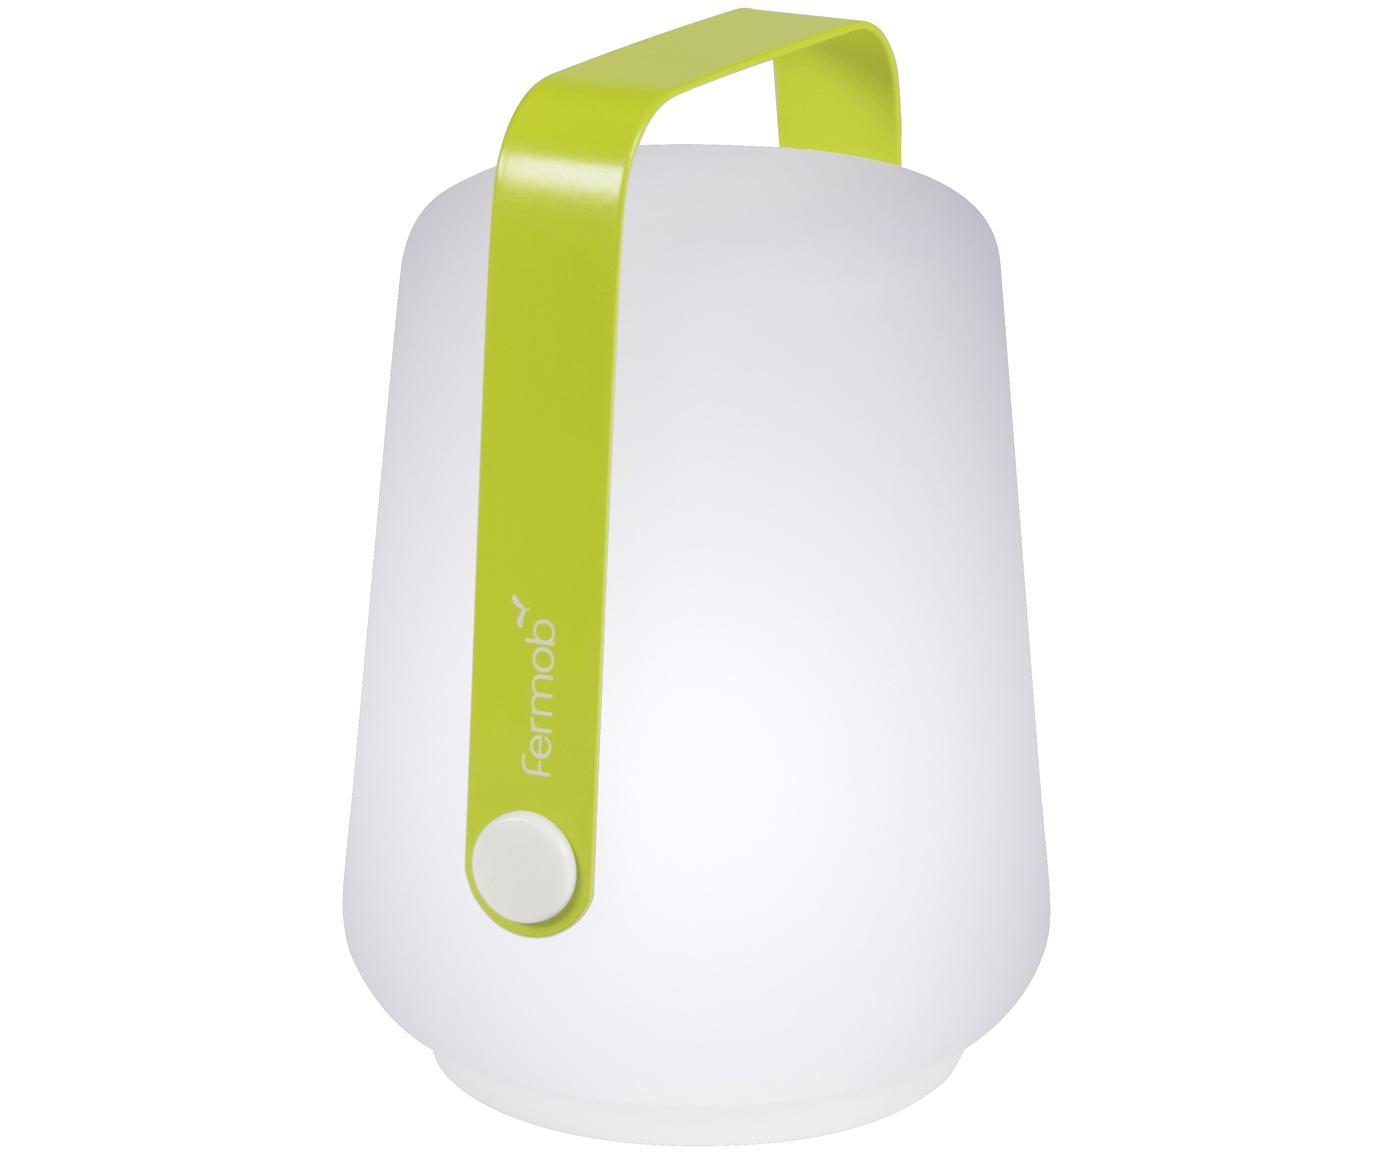 Lámparas LED para exterior Balad, portátiles, 3uds., Pantalla: polietileno, Asa: aluminio, pintado, Verde claro, Ø 10 x Al 13 cm